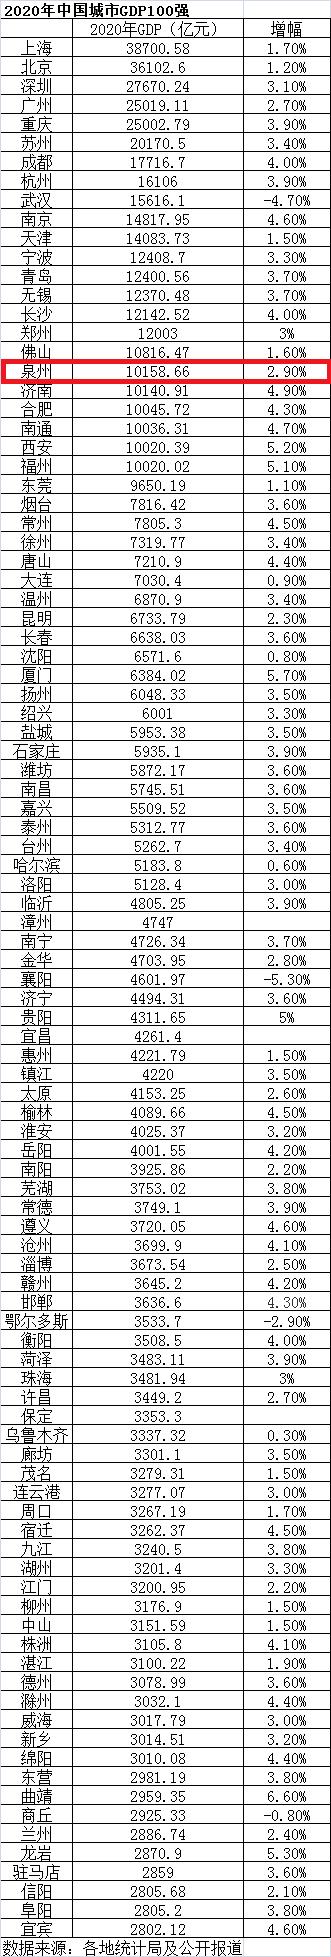 2020年中国城市100强,泉州居全国第18位!